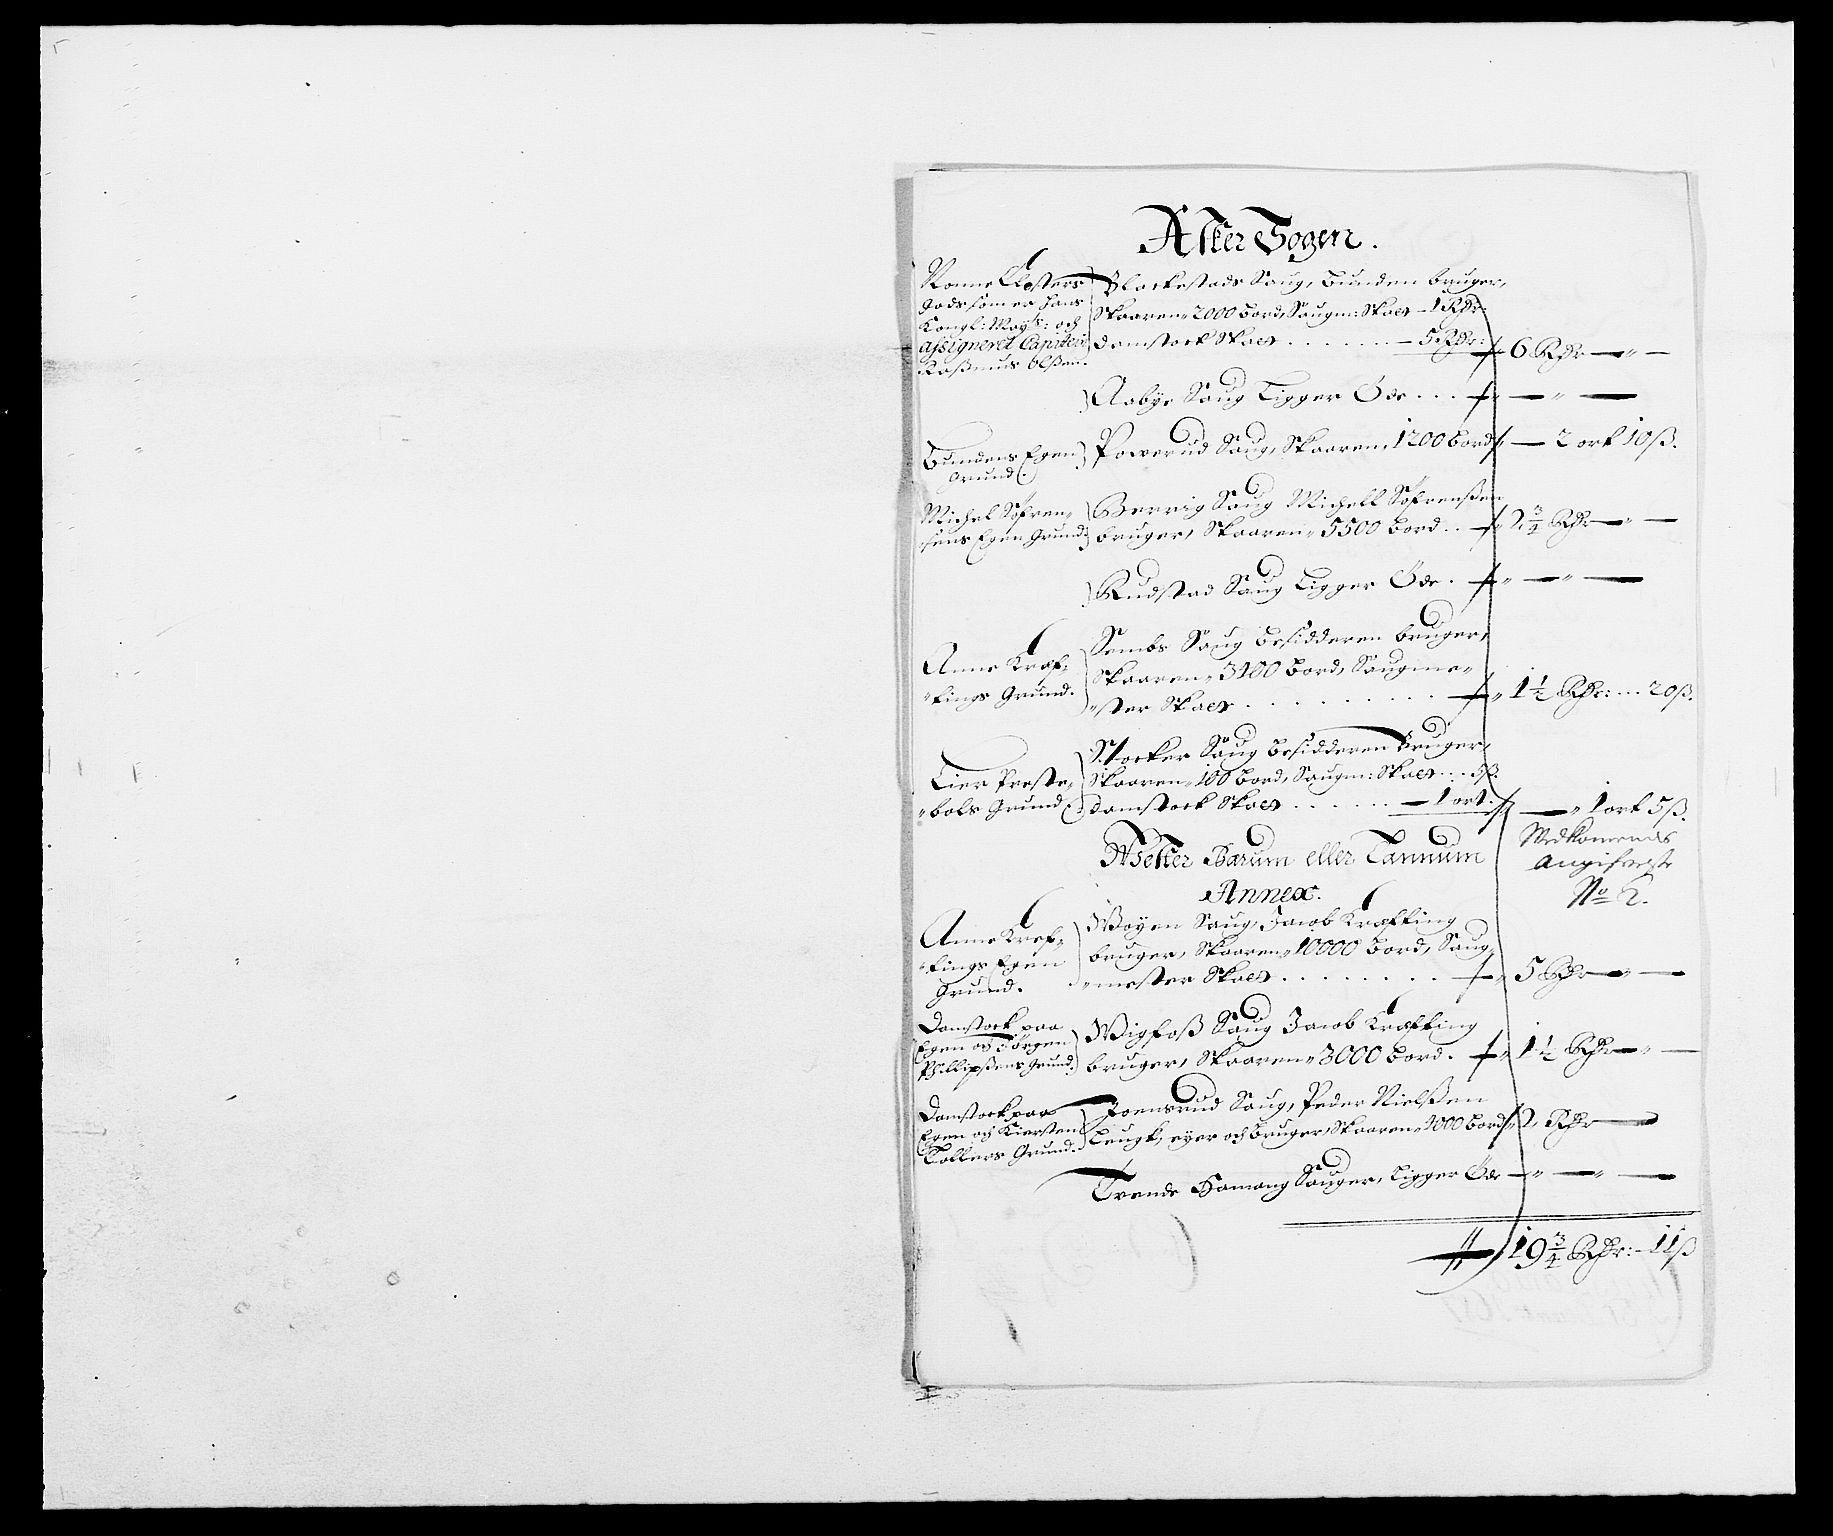 RA, Rentekammeret inntil 1814, Reviderte regnskaper, Fogderegnskap, R08/L0422: Fogderegnskap Aker, 1684-1686, s. 214